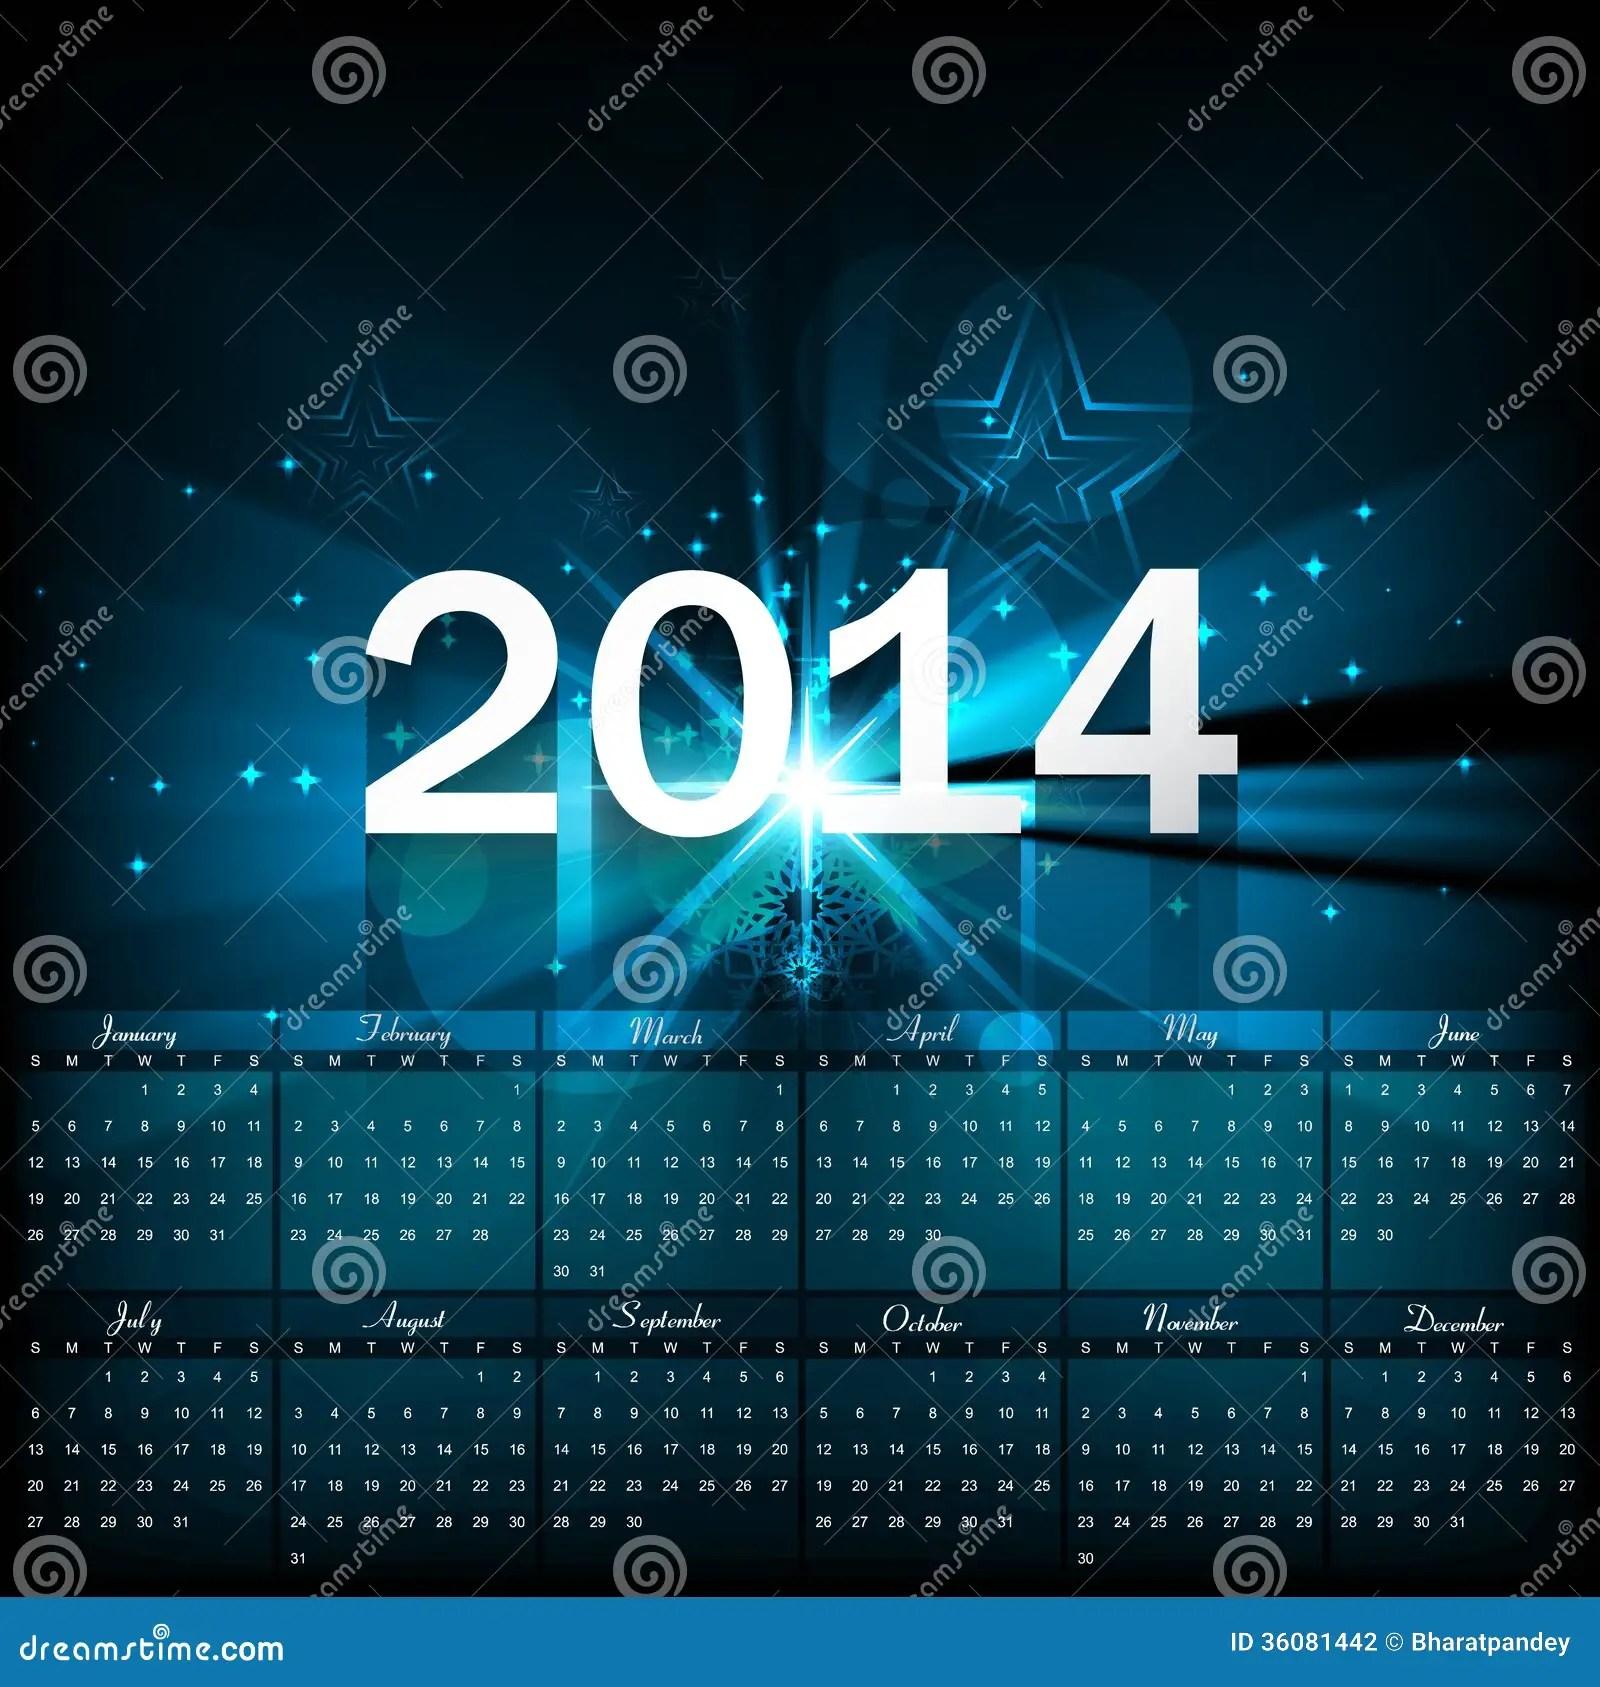 Beautiful Calendar 2014 Template Stock Photography Image 36081442